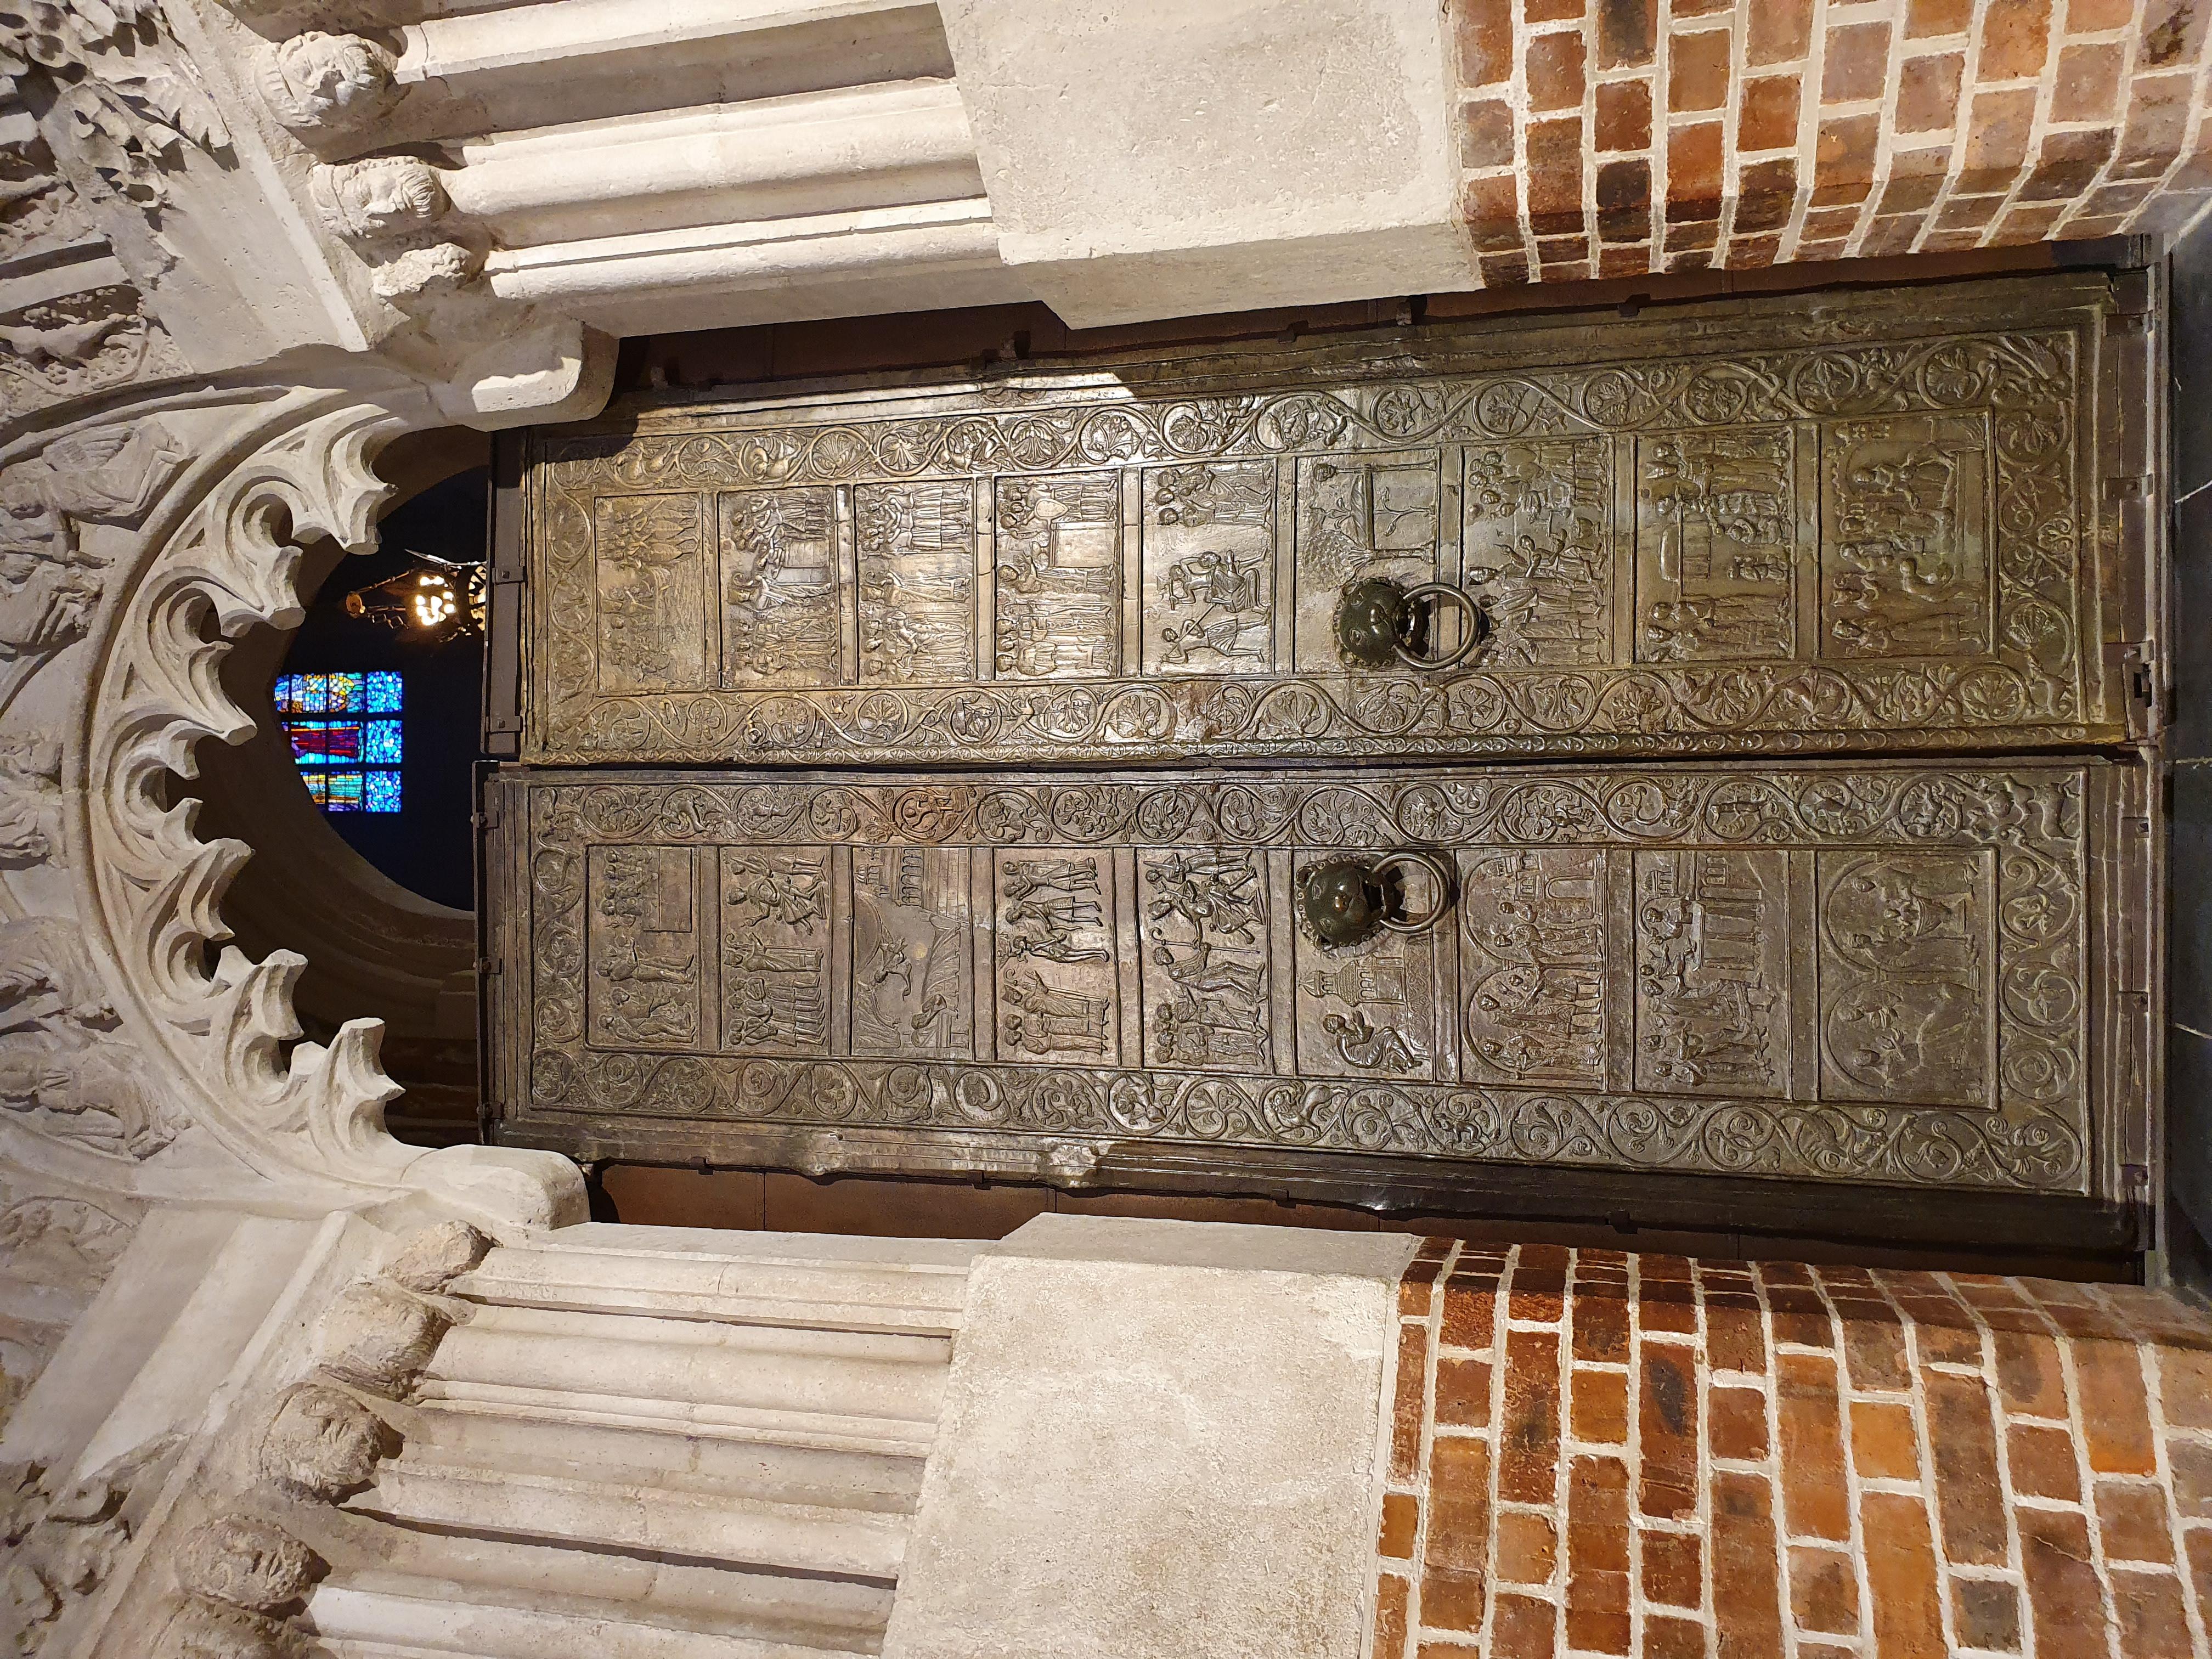 דלתות הכנסייה